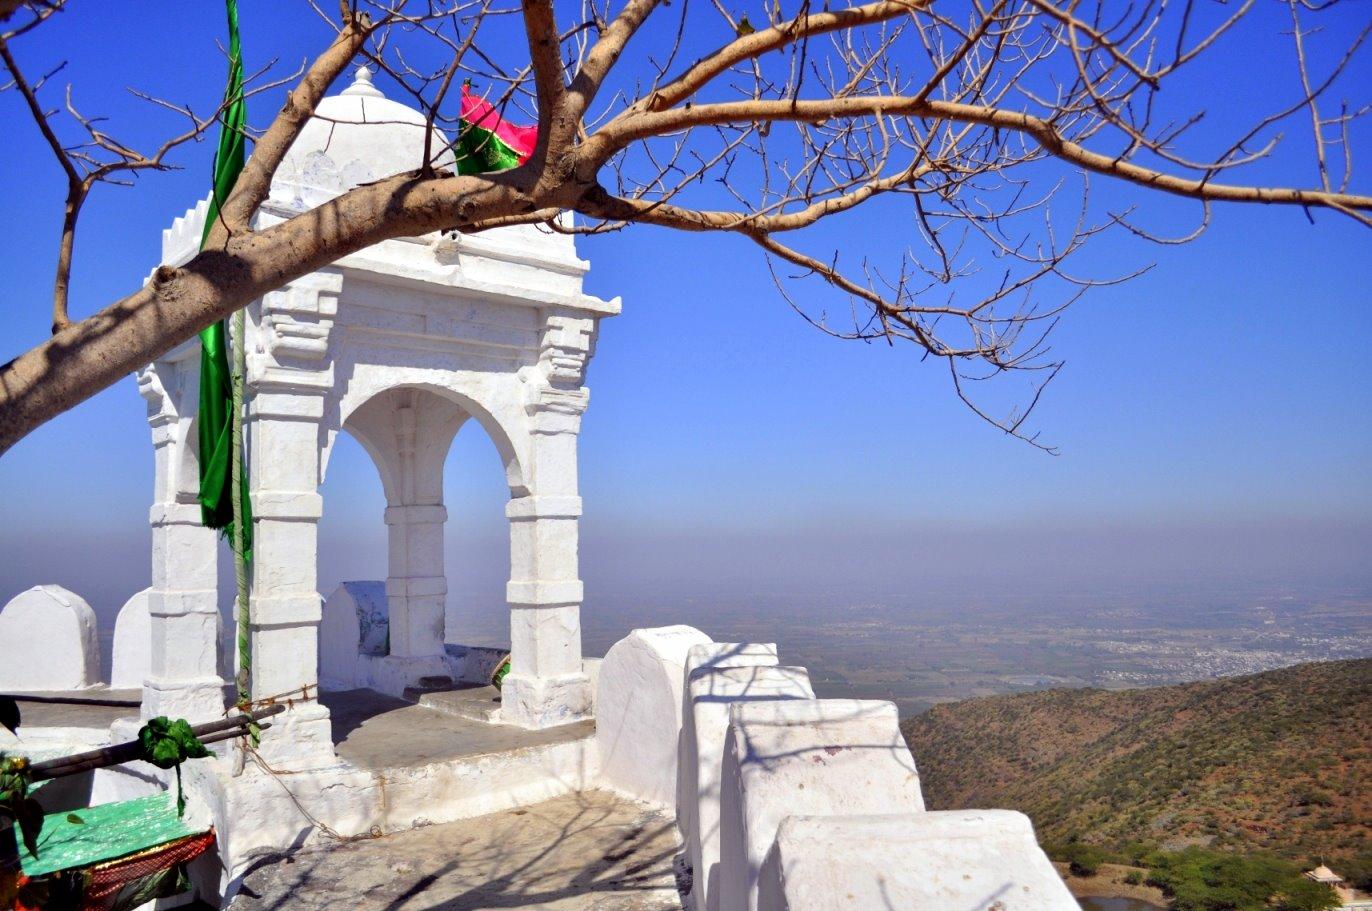 Angaarsha Pir (Peer) Dargah of Palitana: Melting pot of faiths